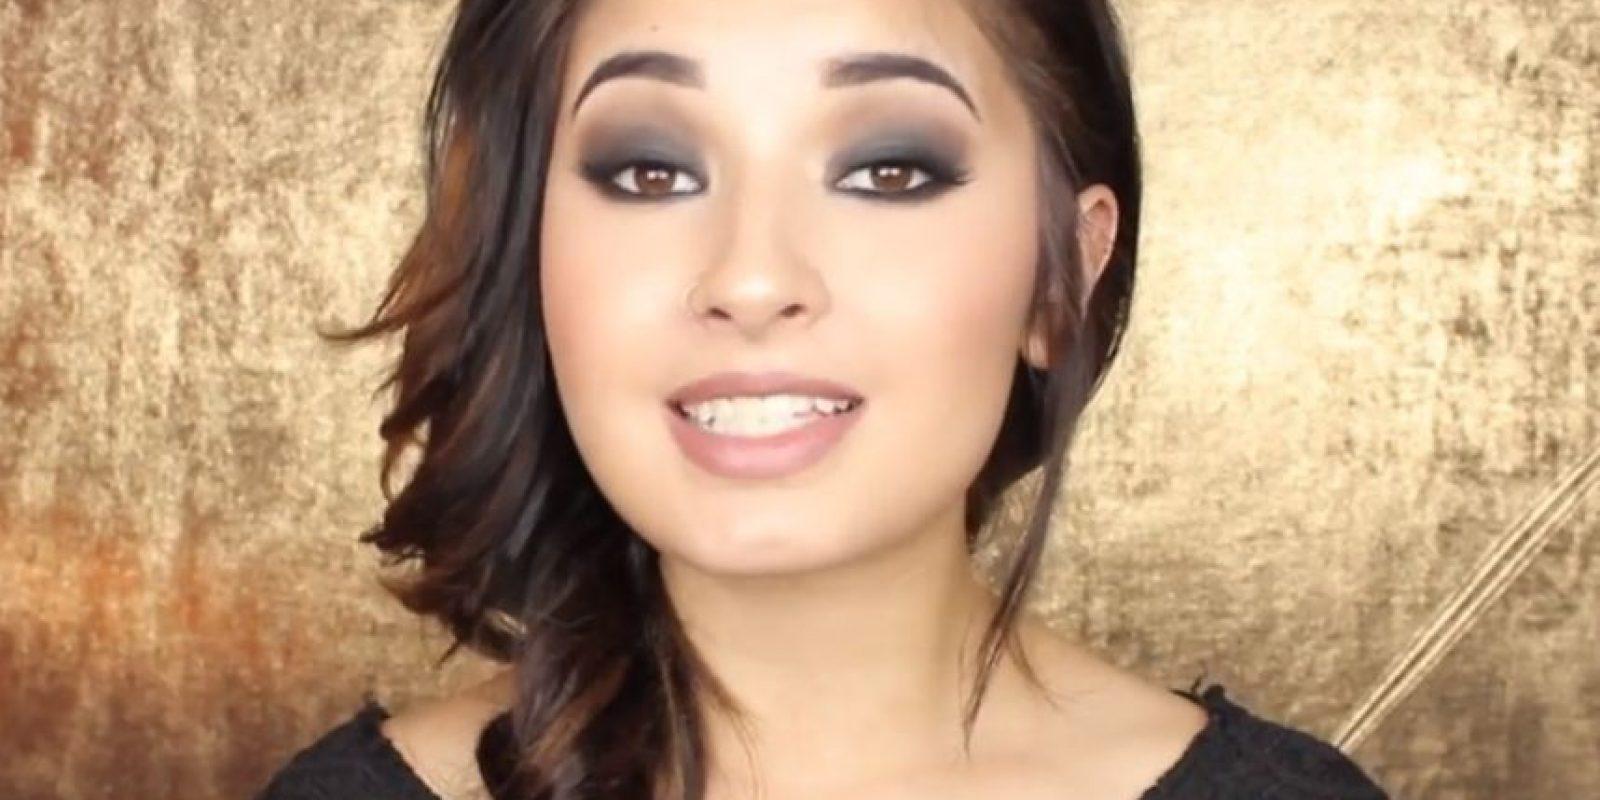 Se hizo popular desde 2012 con sus tutoriales de maquillaje y su versatilidad. Foto:Laura Sánchez Makeup/Youtube